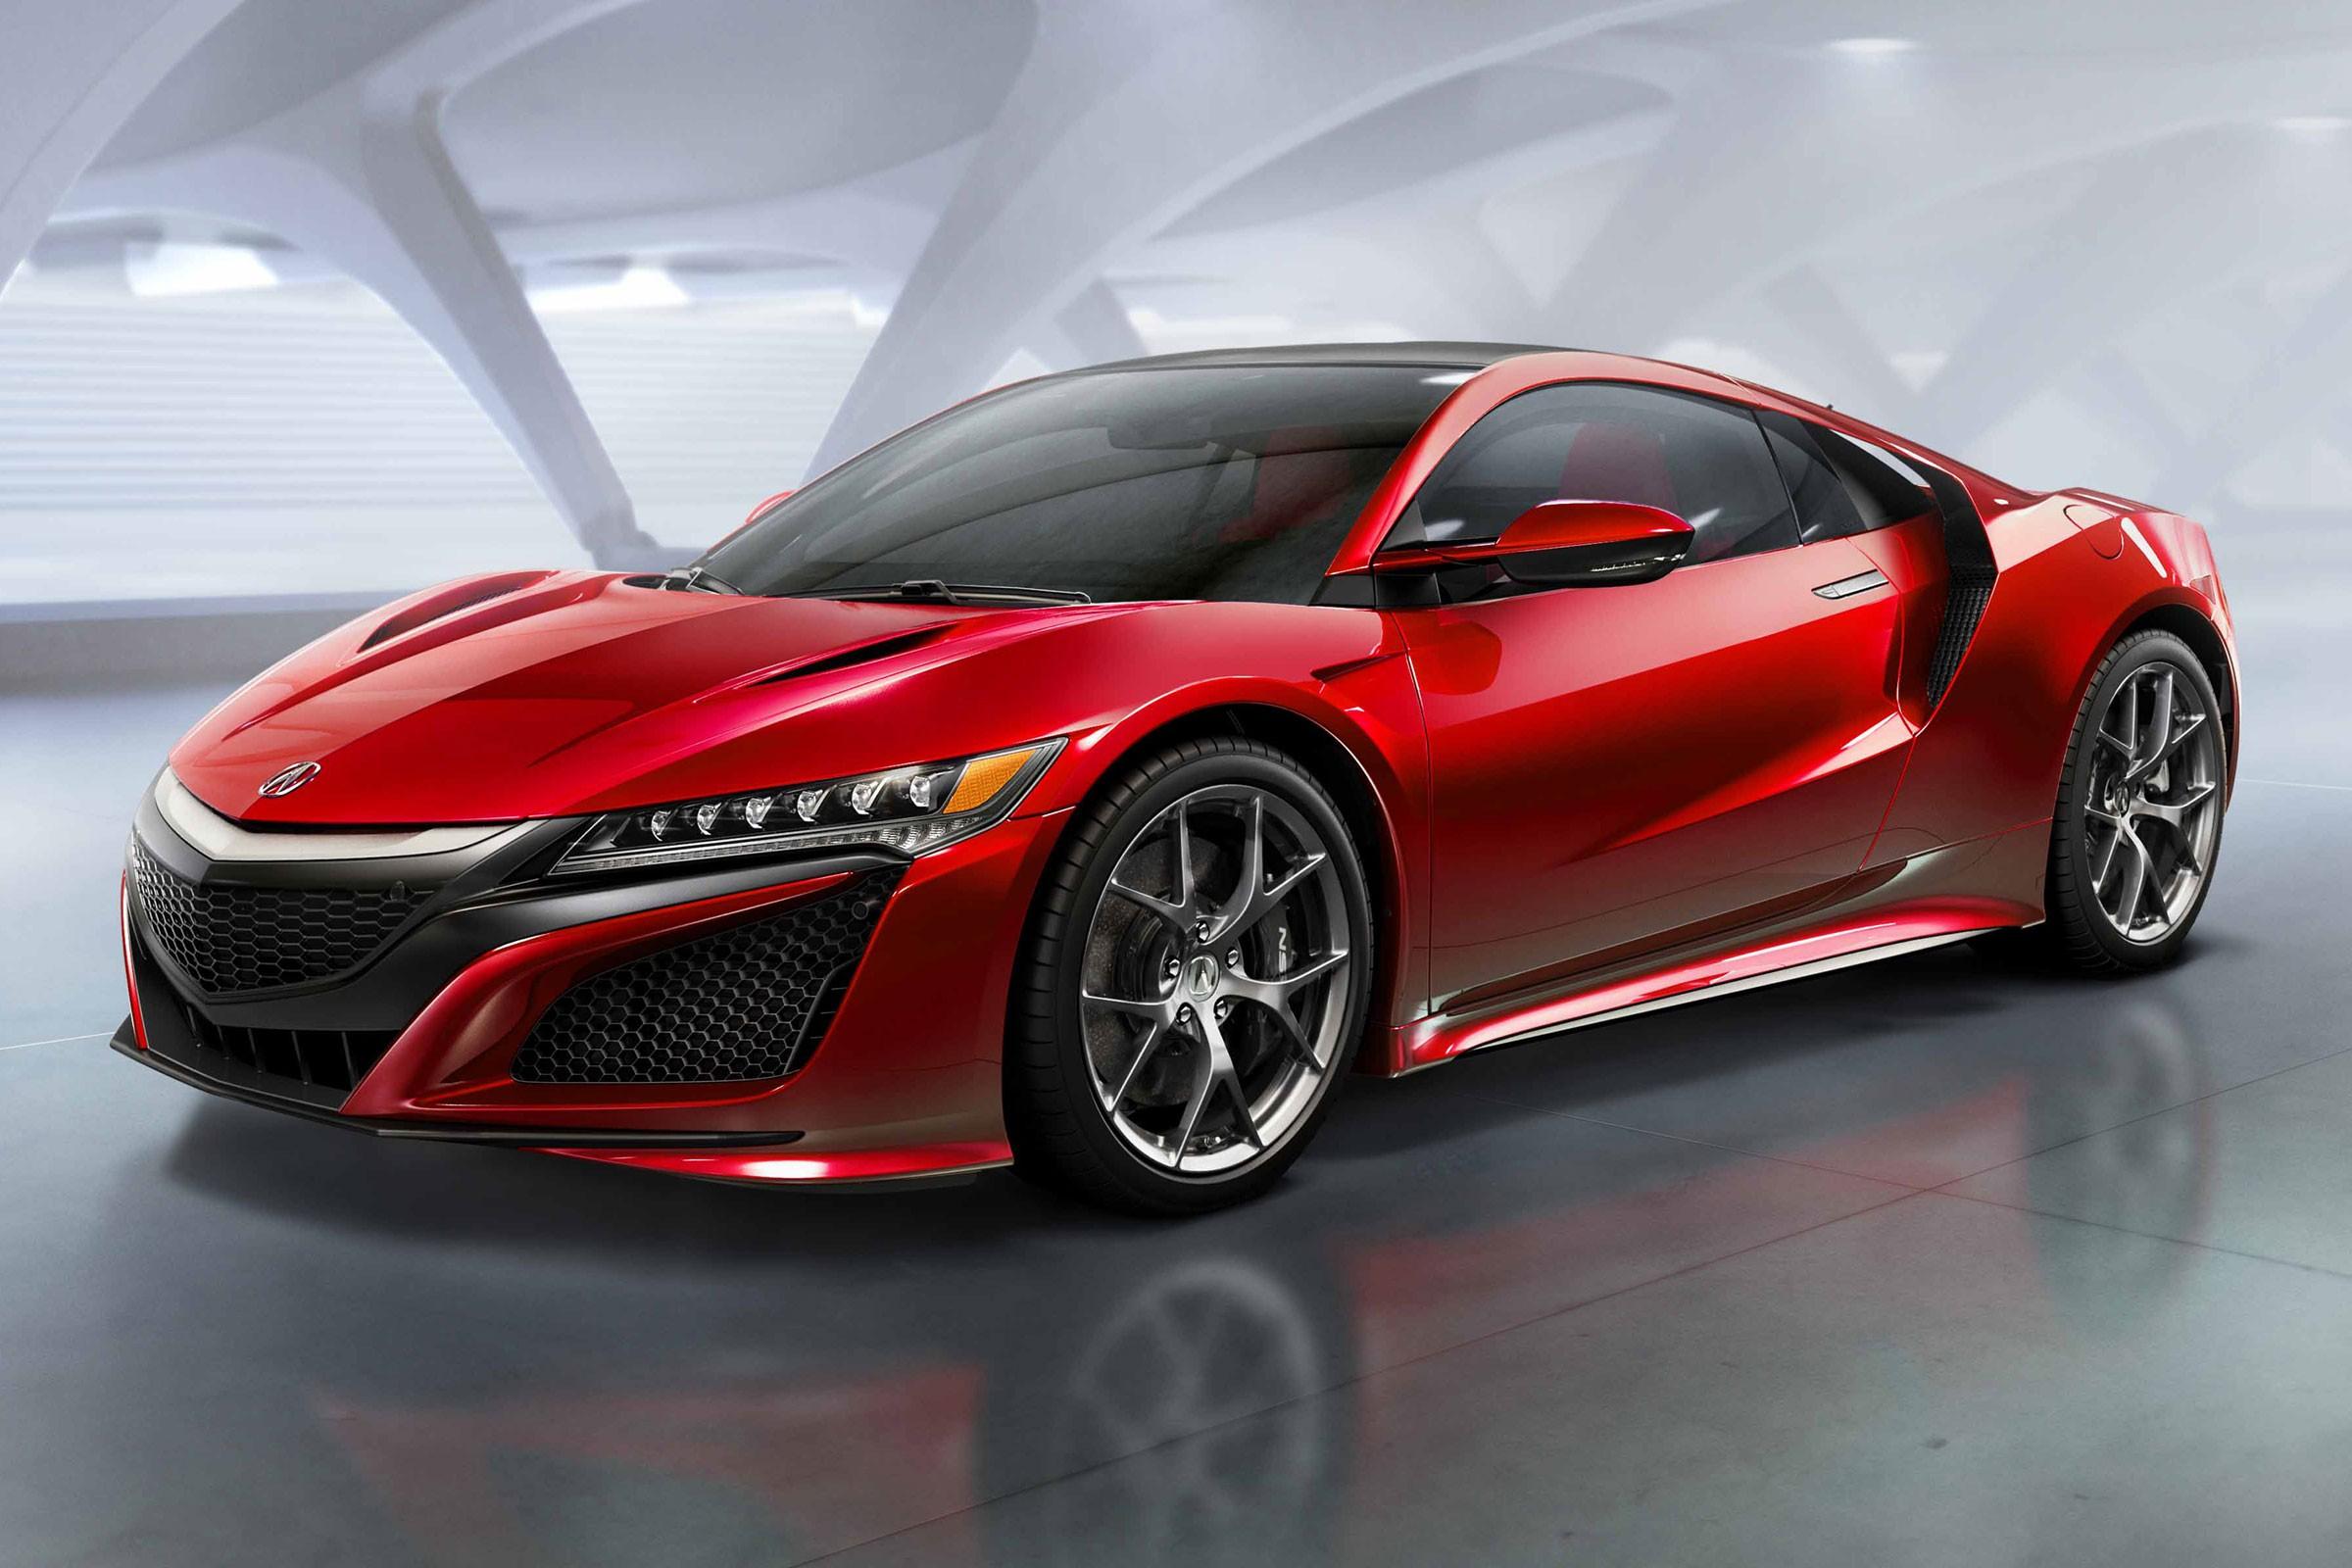 Самым ожидаемым автомобилем 2016 годя стал спорткар Honda NSX